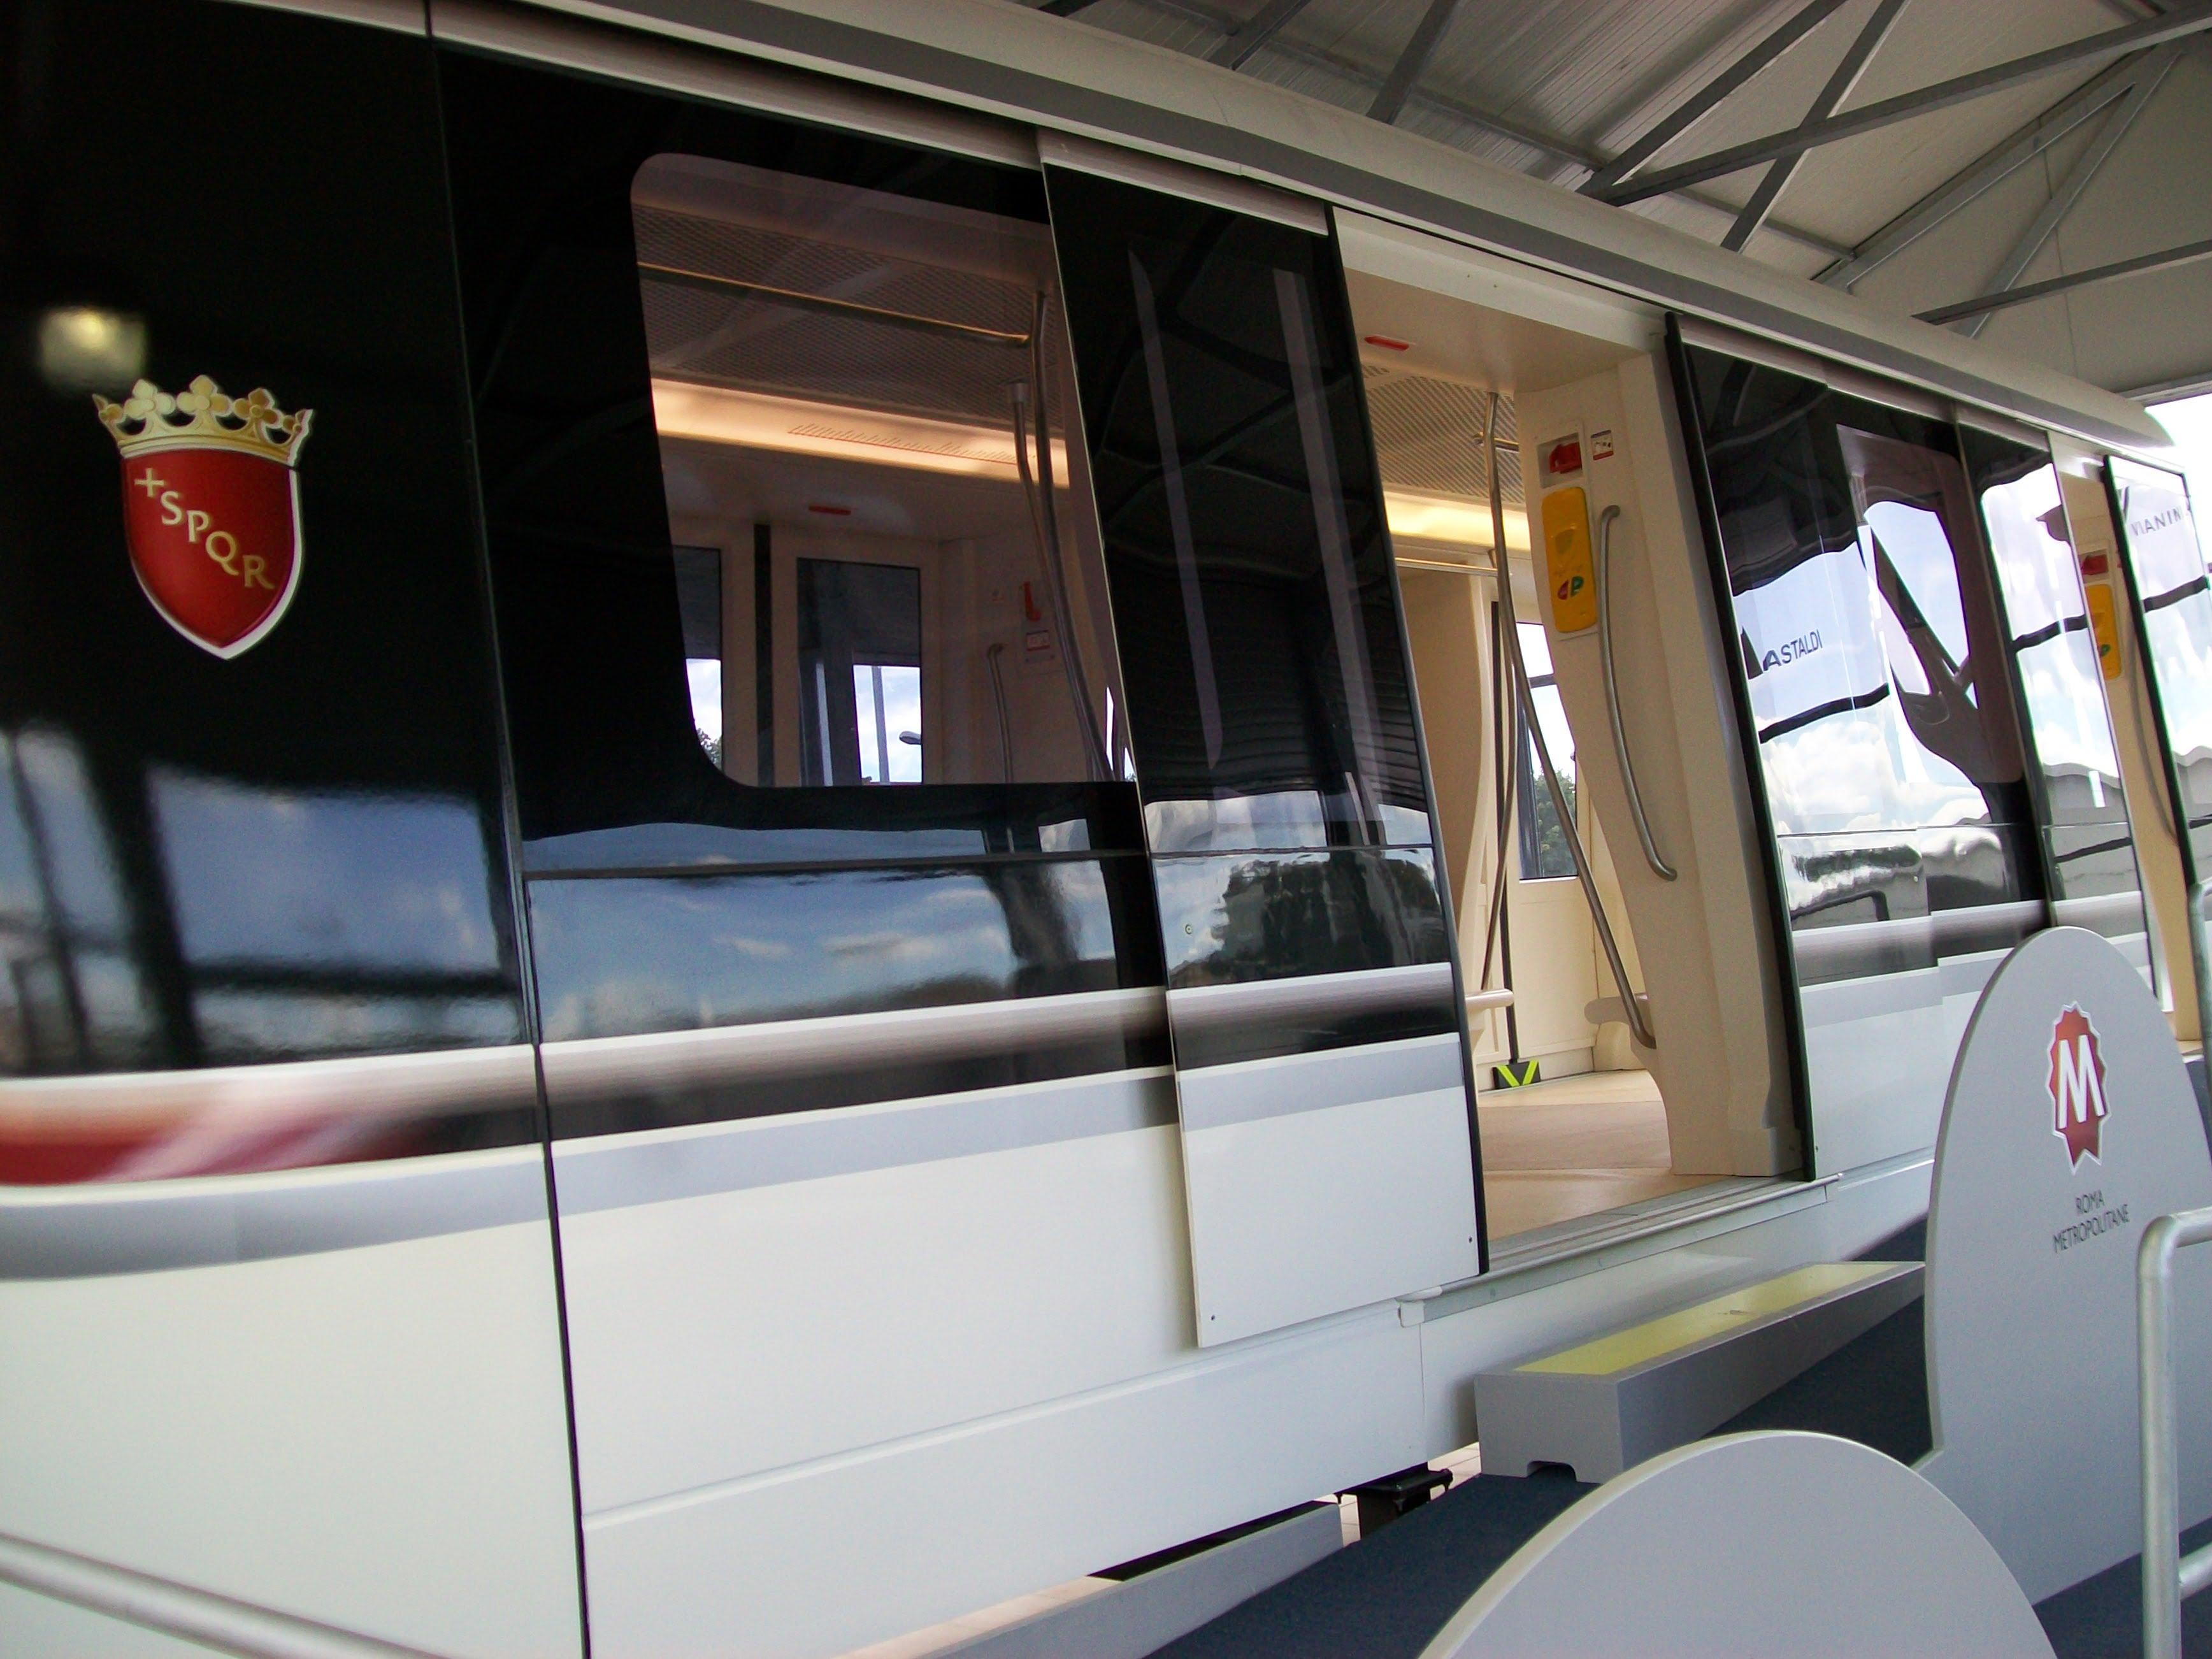 Vagone_Prospettiva_Metro_C_(Roma)